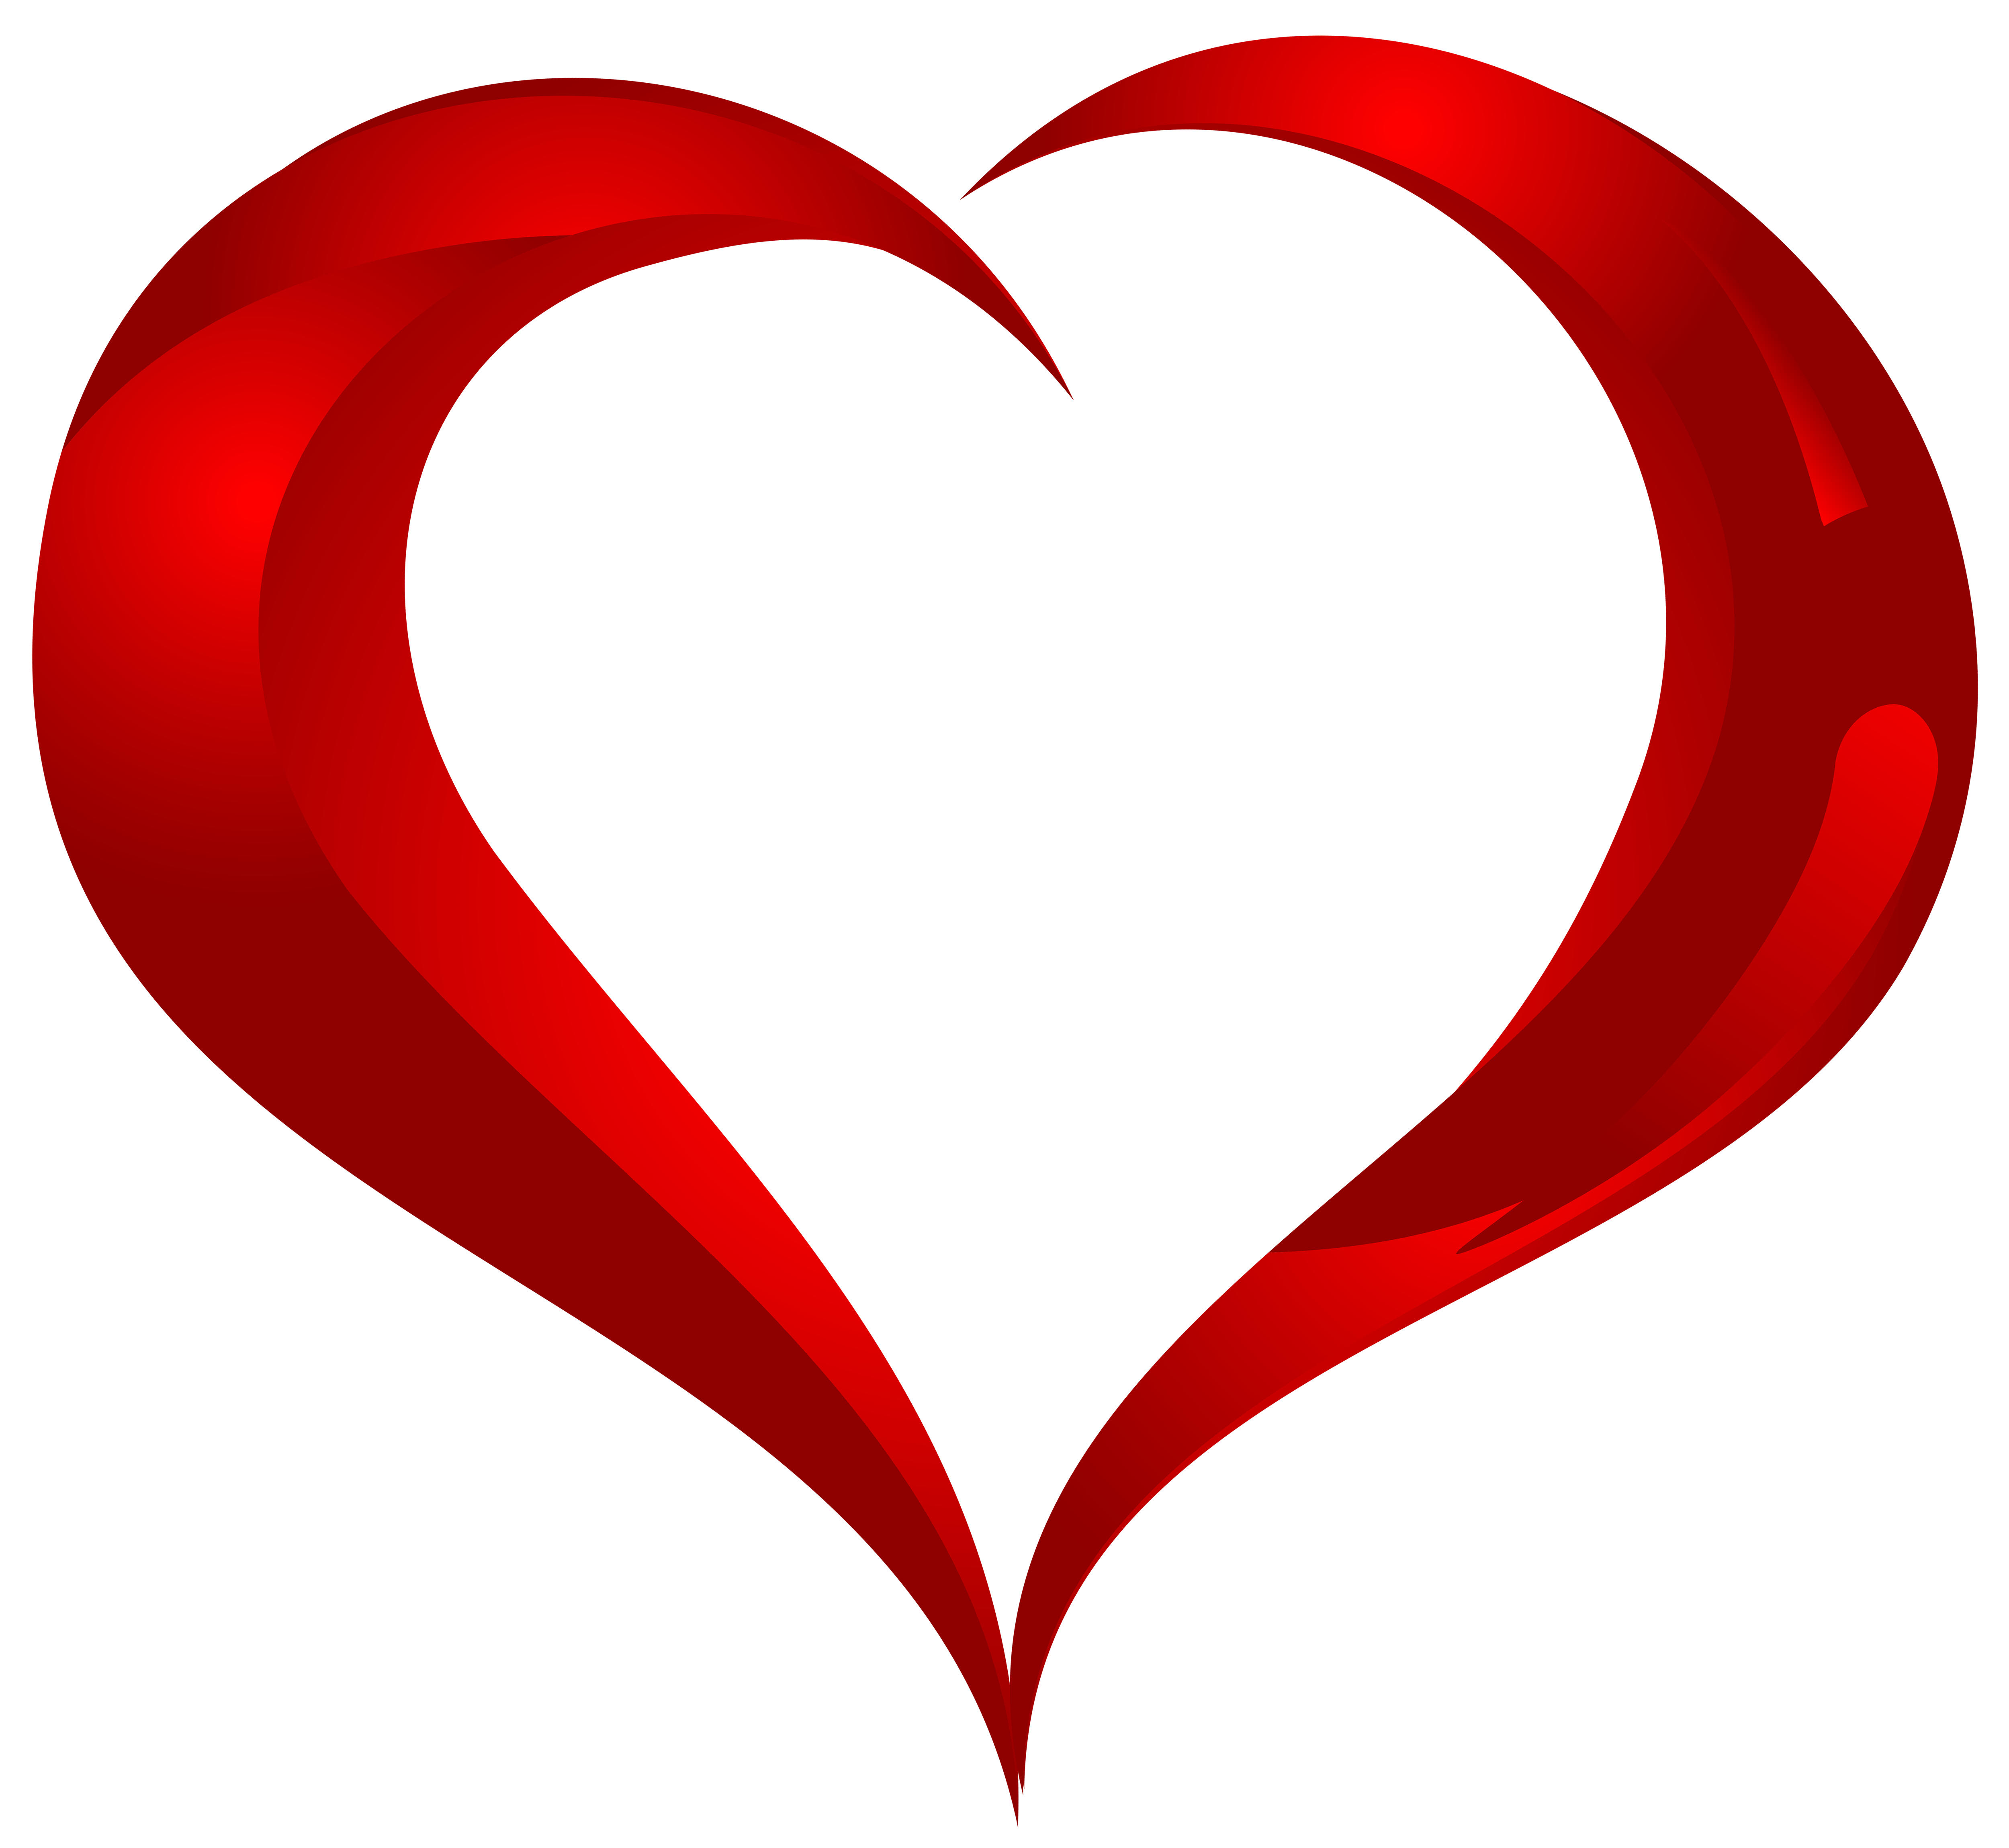 Beautiful heart png.